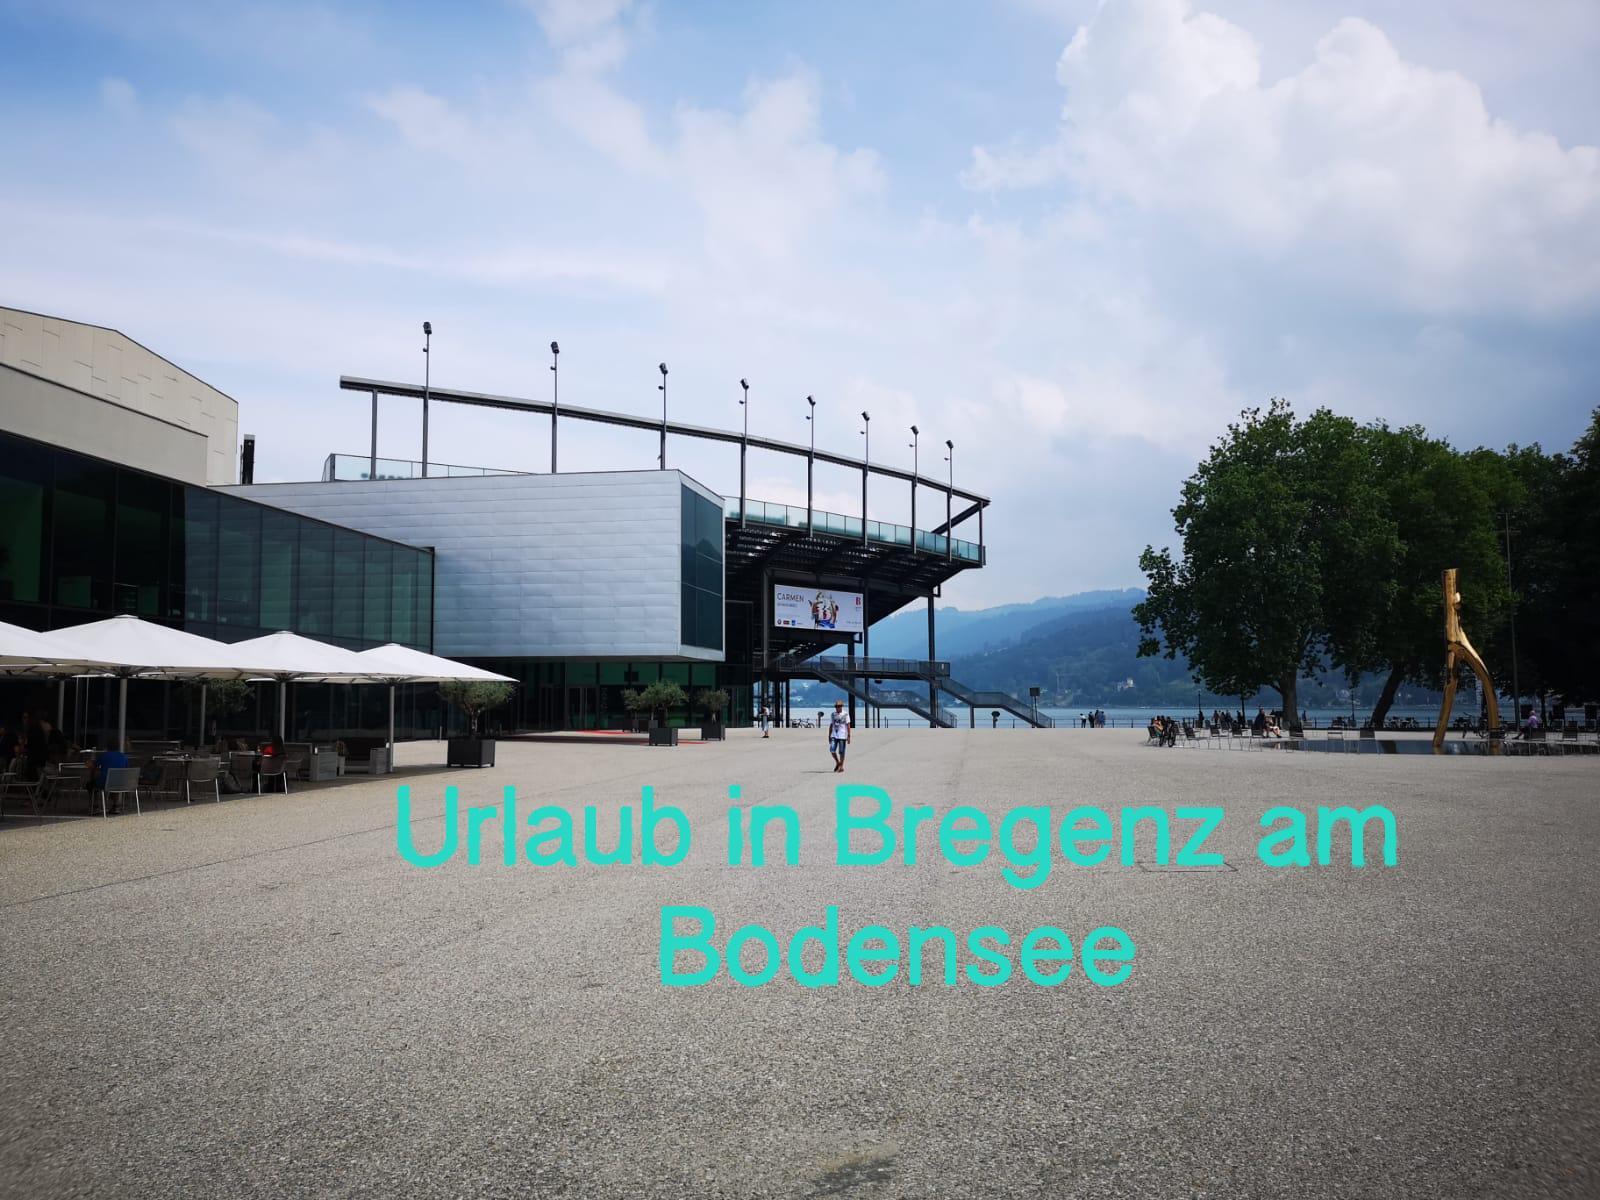 Urlaub in Bregenz am Bodensee